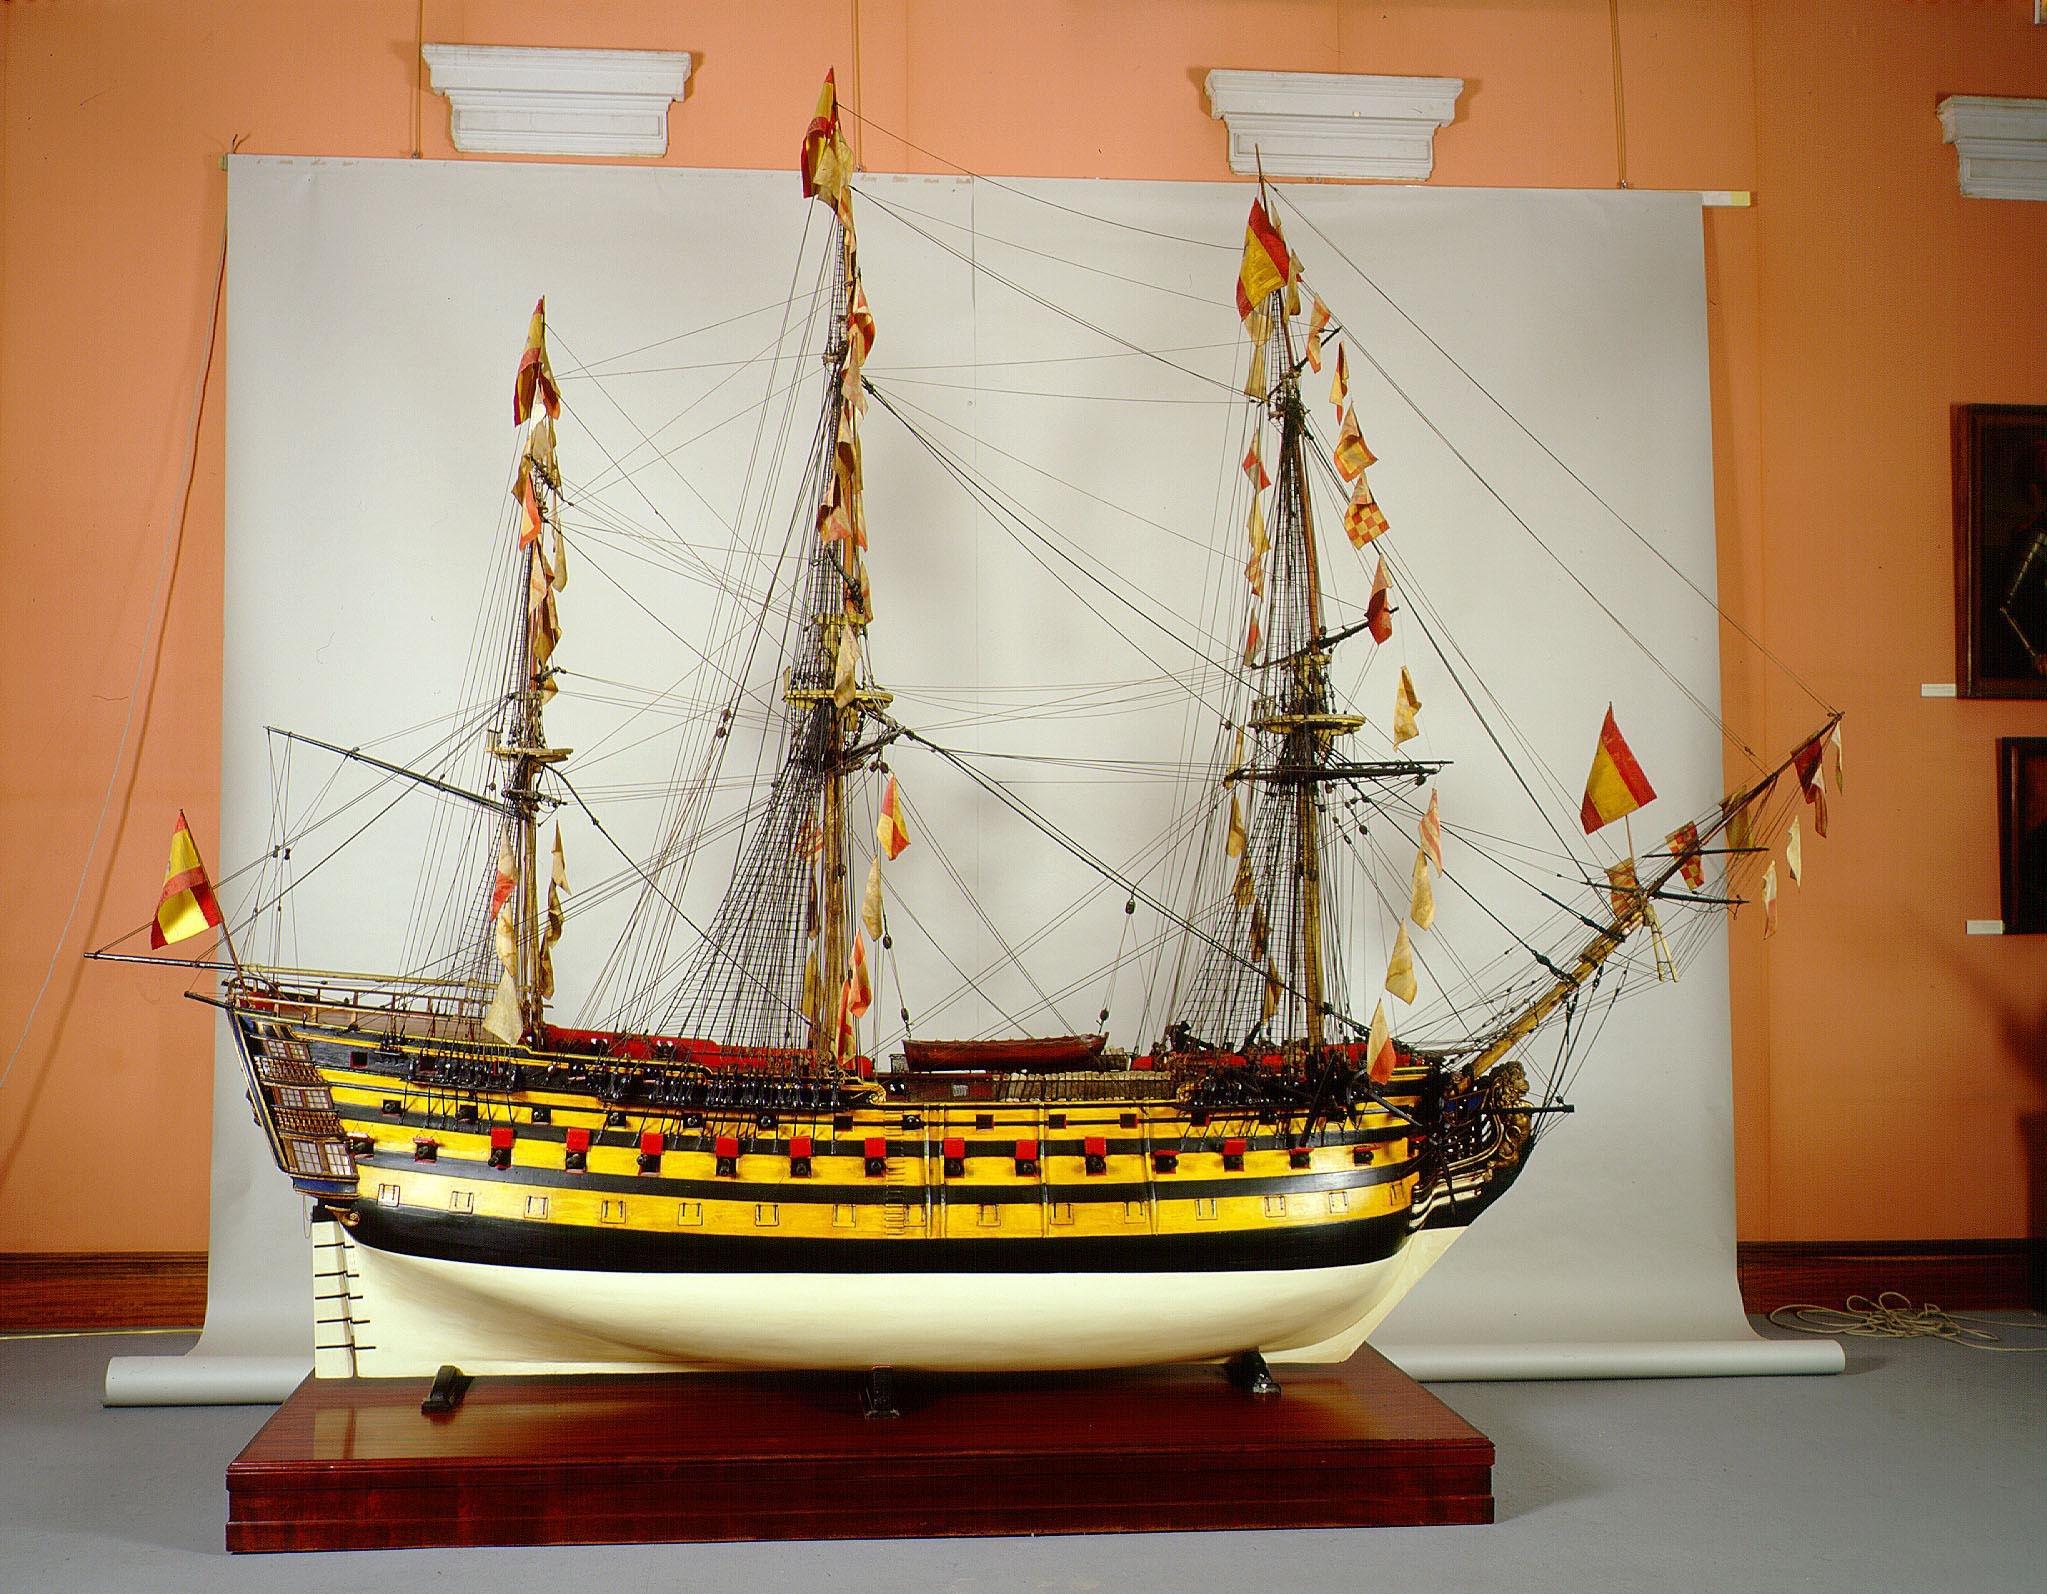 El navio de tres puentes en la Armada